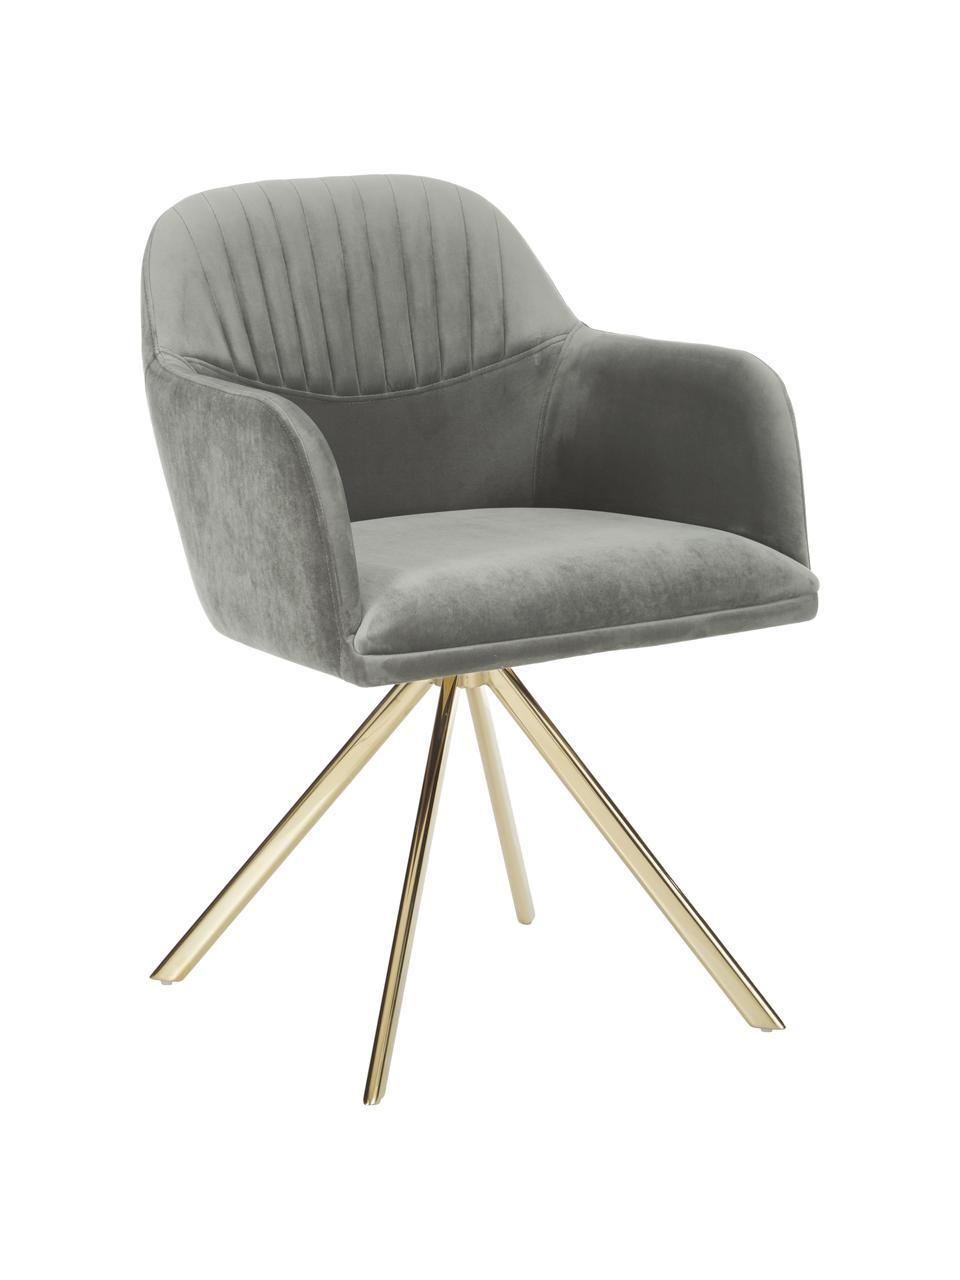 Krzesło z podłokietnikami z aksamitu Lola, obrotowe, Tapicerka: aksamit poliestrowy Dzięk, Nogi: metal galwanizowany, Aksamitny szary kamienny, złoty, S 55 x G 52 cm